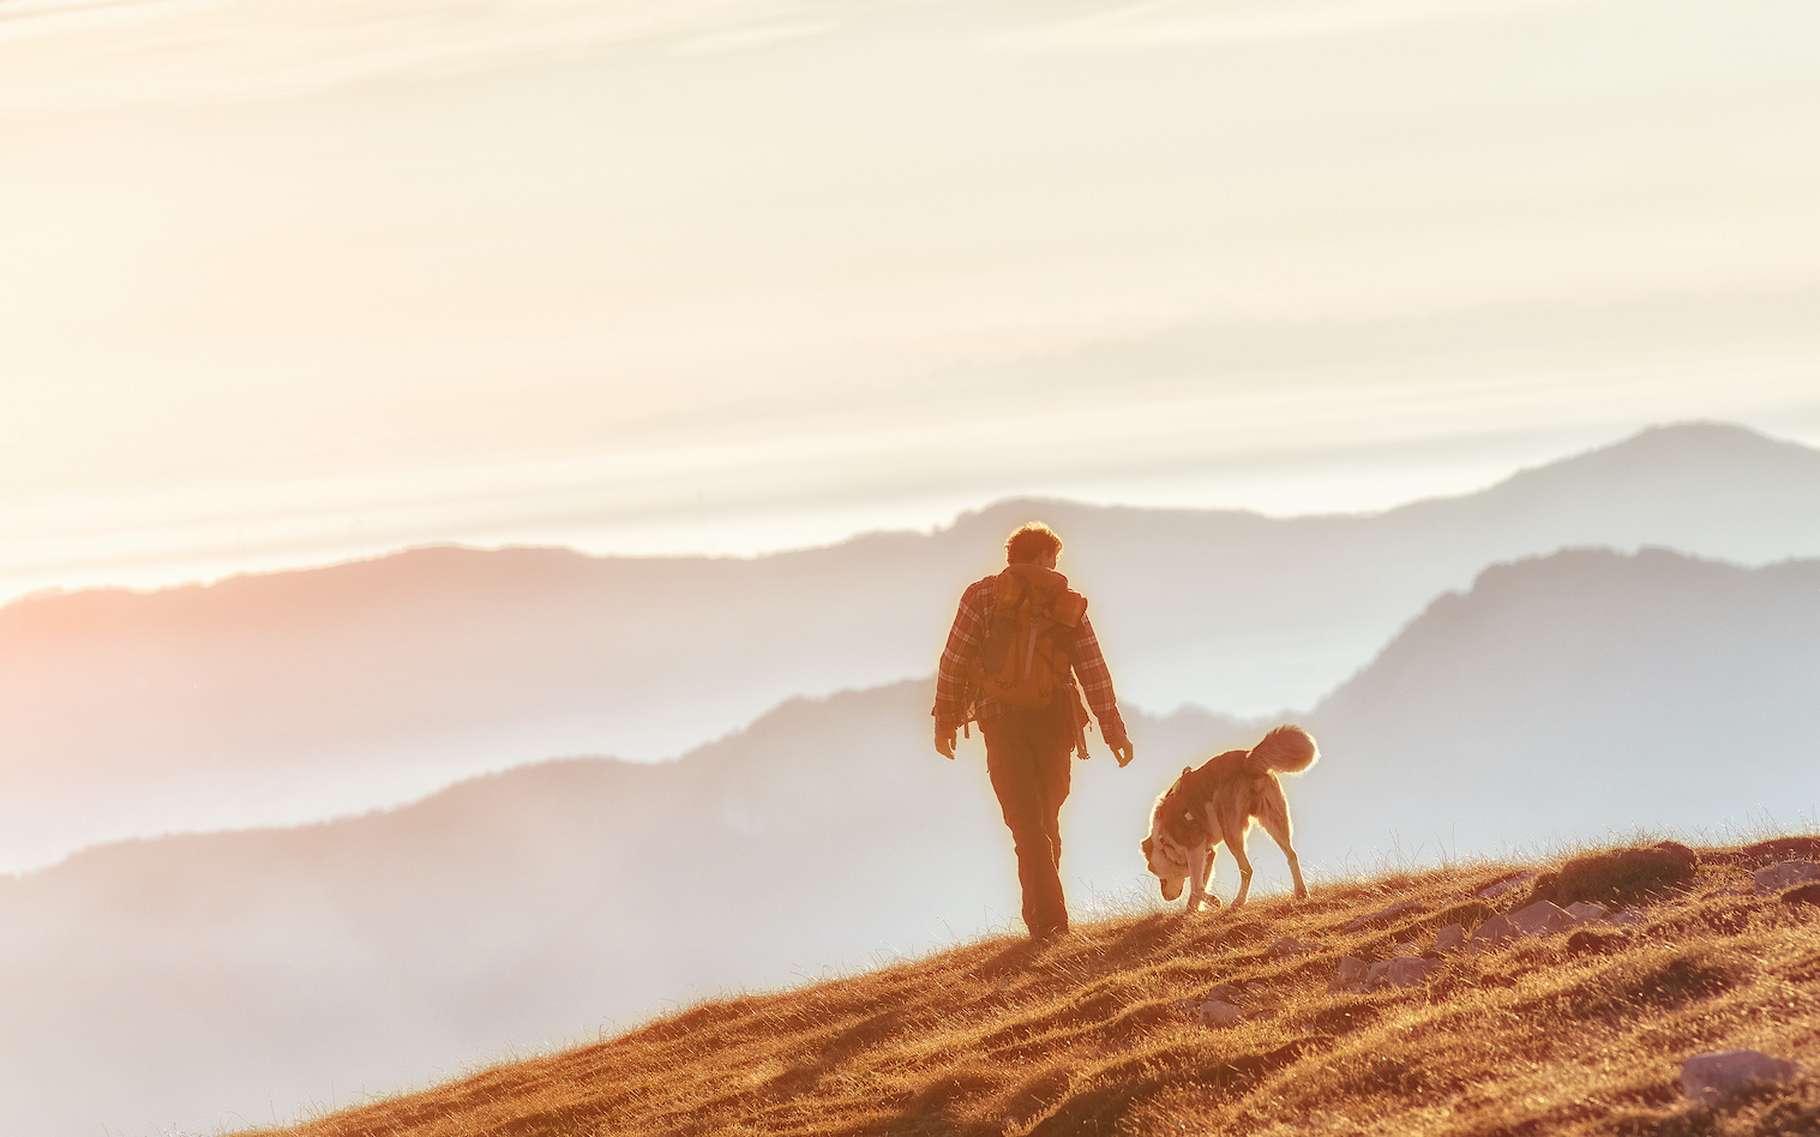 Un fragment d'os de chien permet aux chercheurs de montrer que les premiers Hommes sont arrivés aux Amériques bien avant ce qu'ils pensaient. © michelangeloop, Adobe Stock